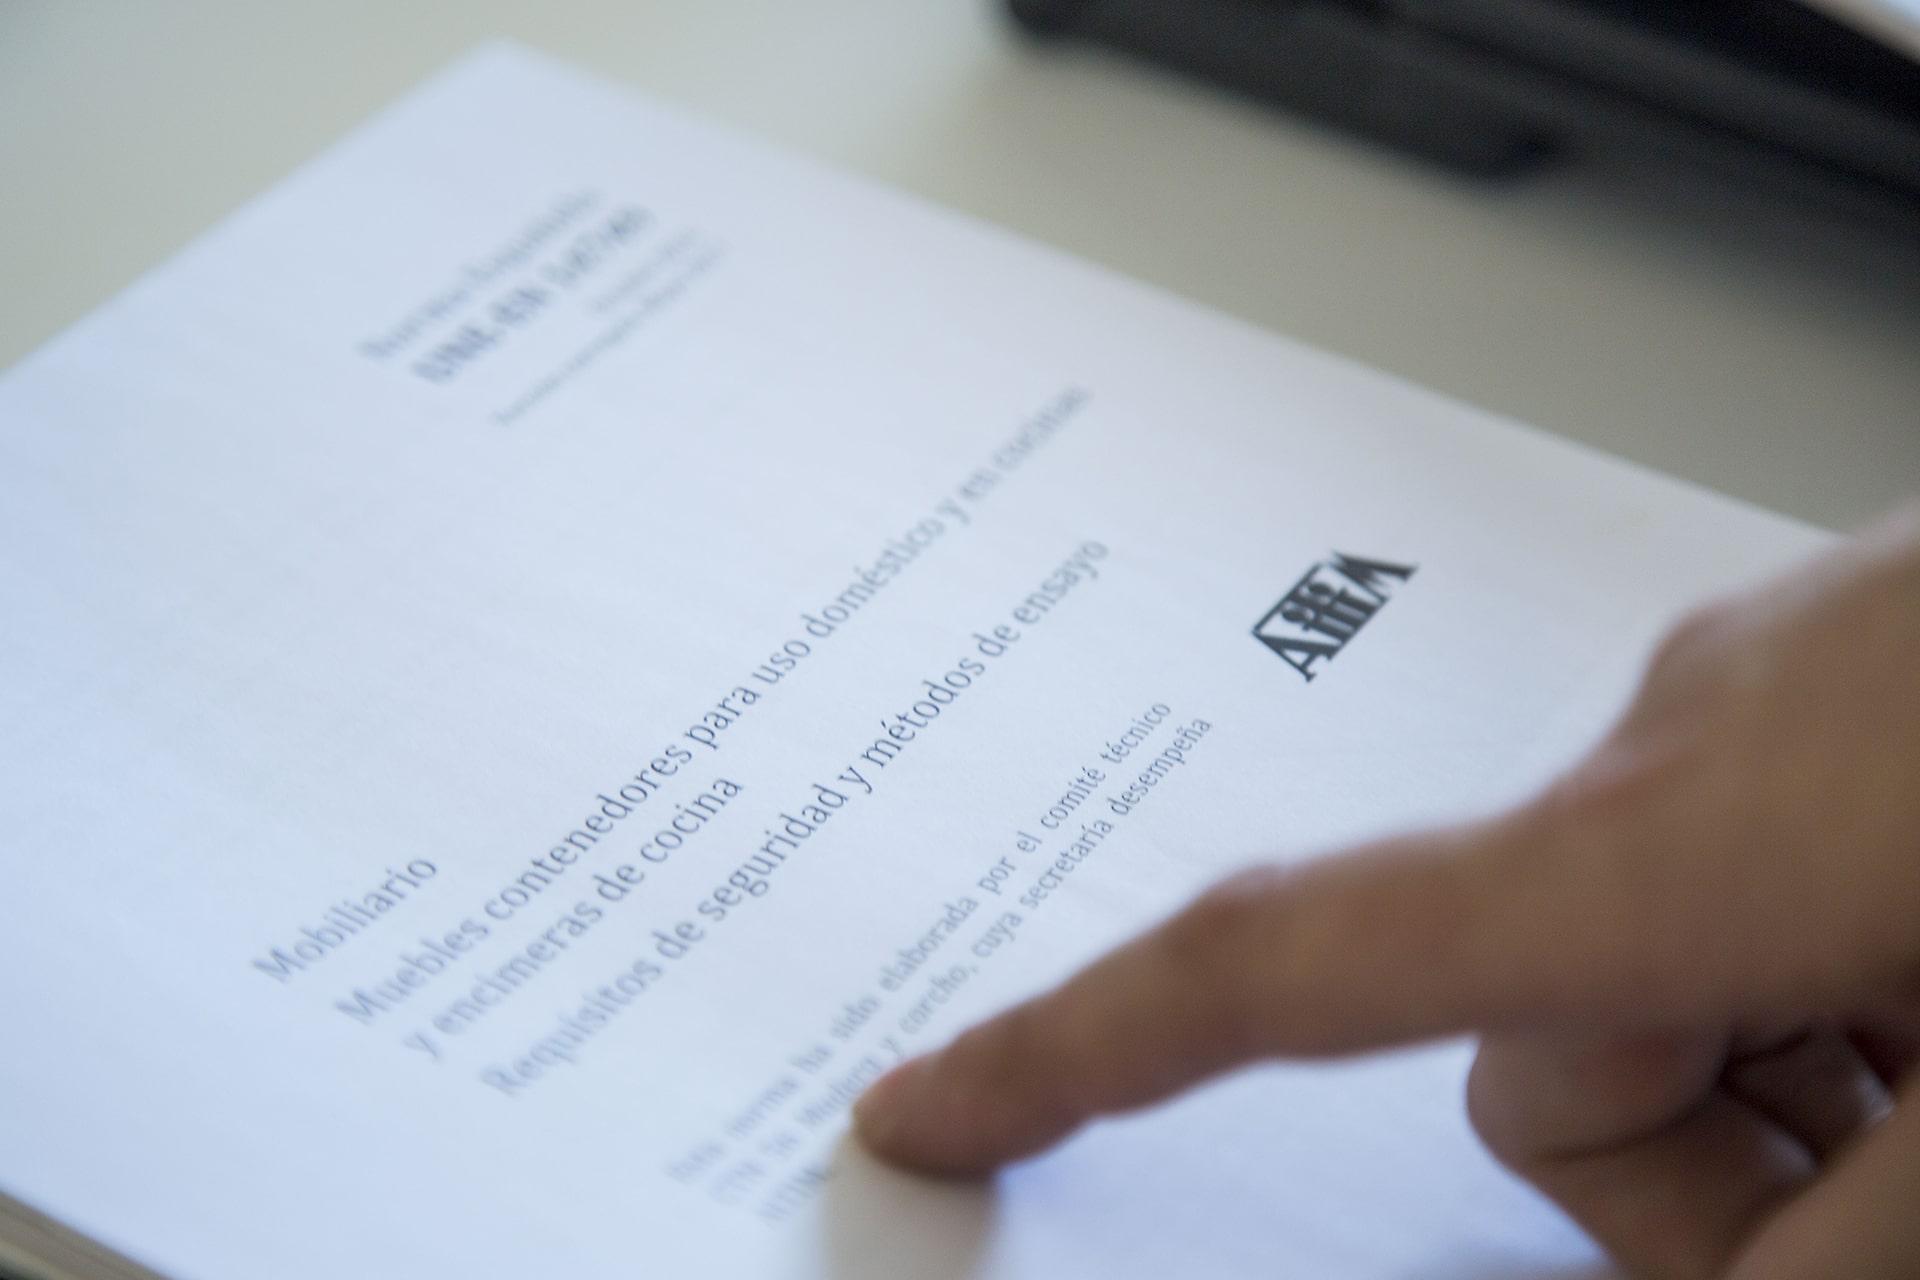 Documento acreditativo de inspección y control de calidad cocinas Santos